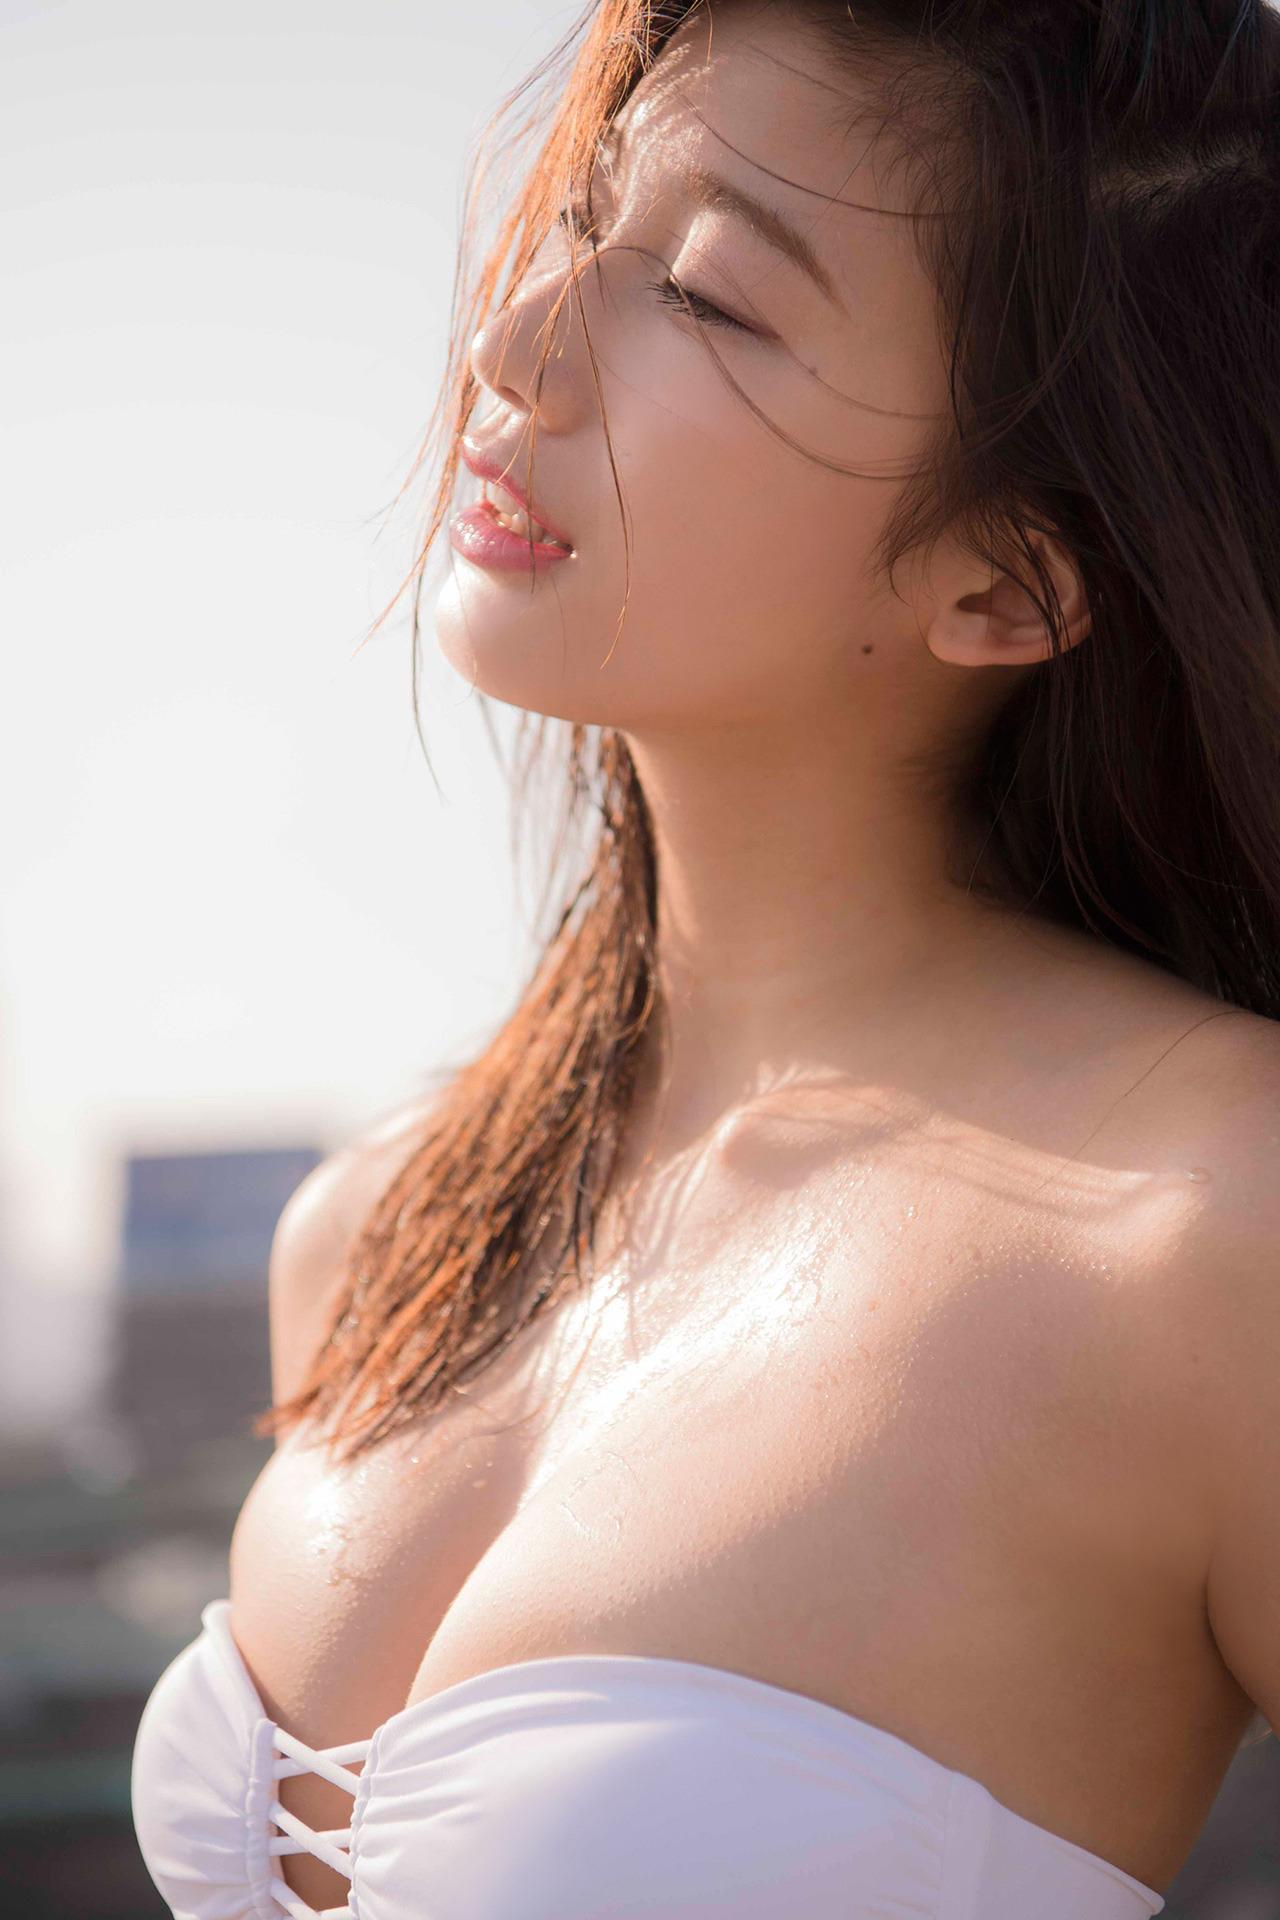 小倉優香 画像 111